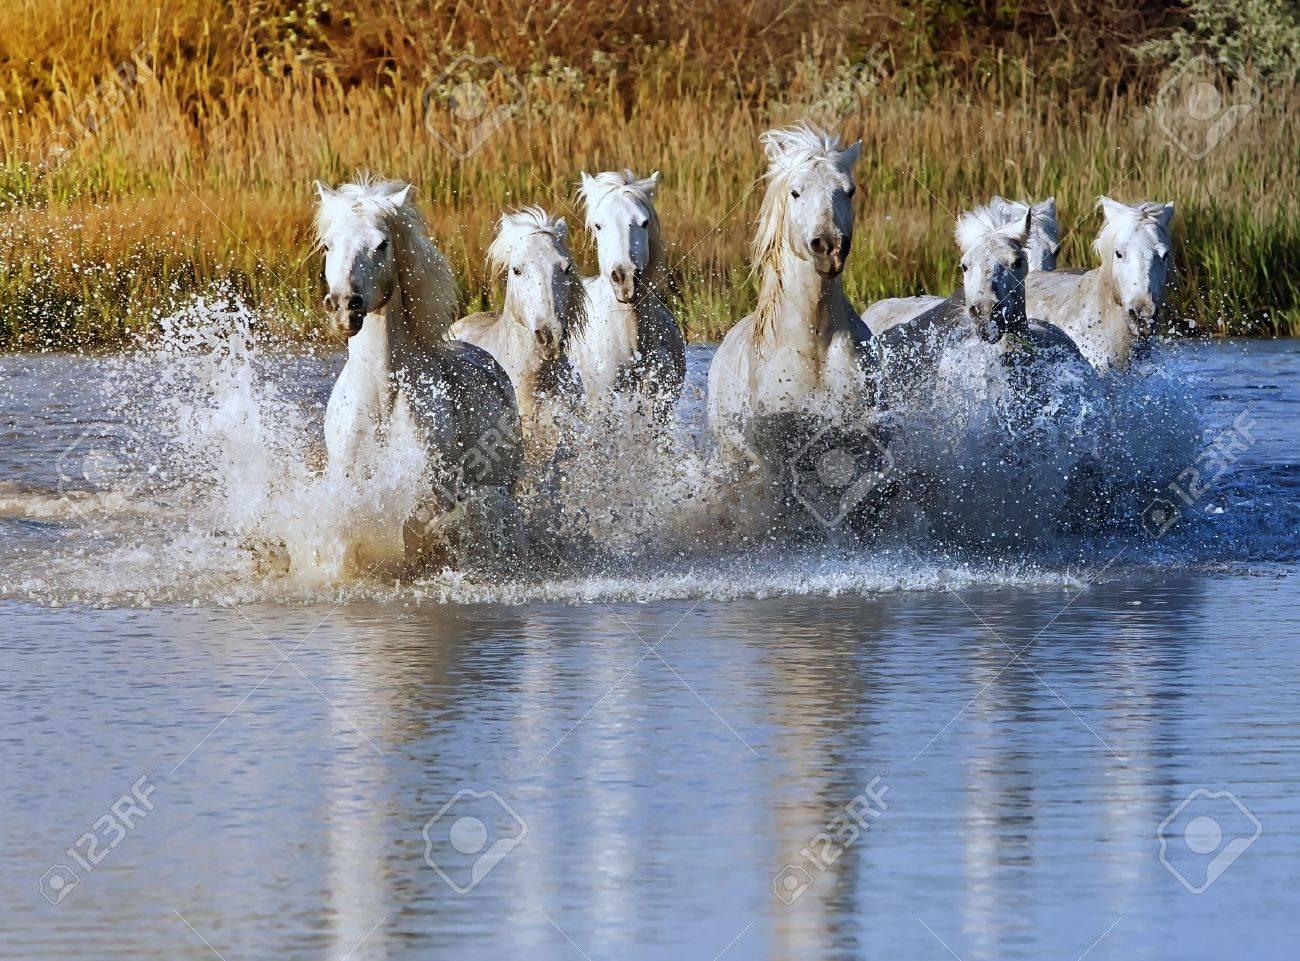 Heard of White Horses Running and splashing through water Stock Photo - 13972557